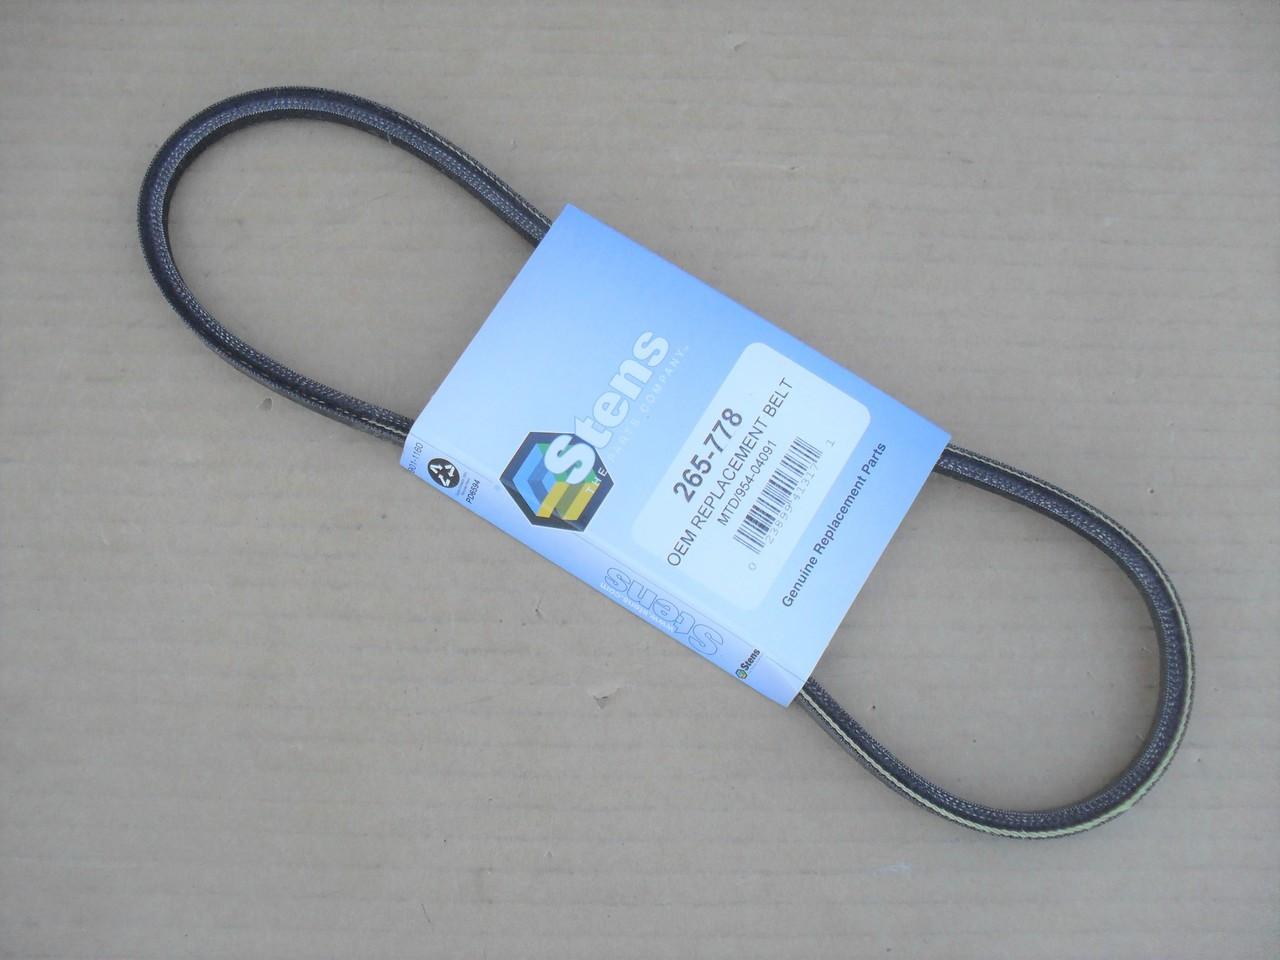 8TEN PTO Belt Troy Bilt Super Bronco Cub Cadet LT1018 1170 954-0497 754-0497